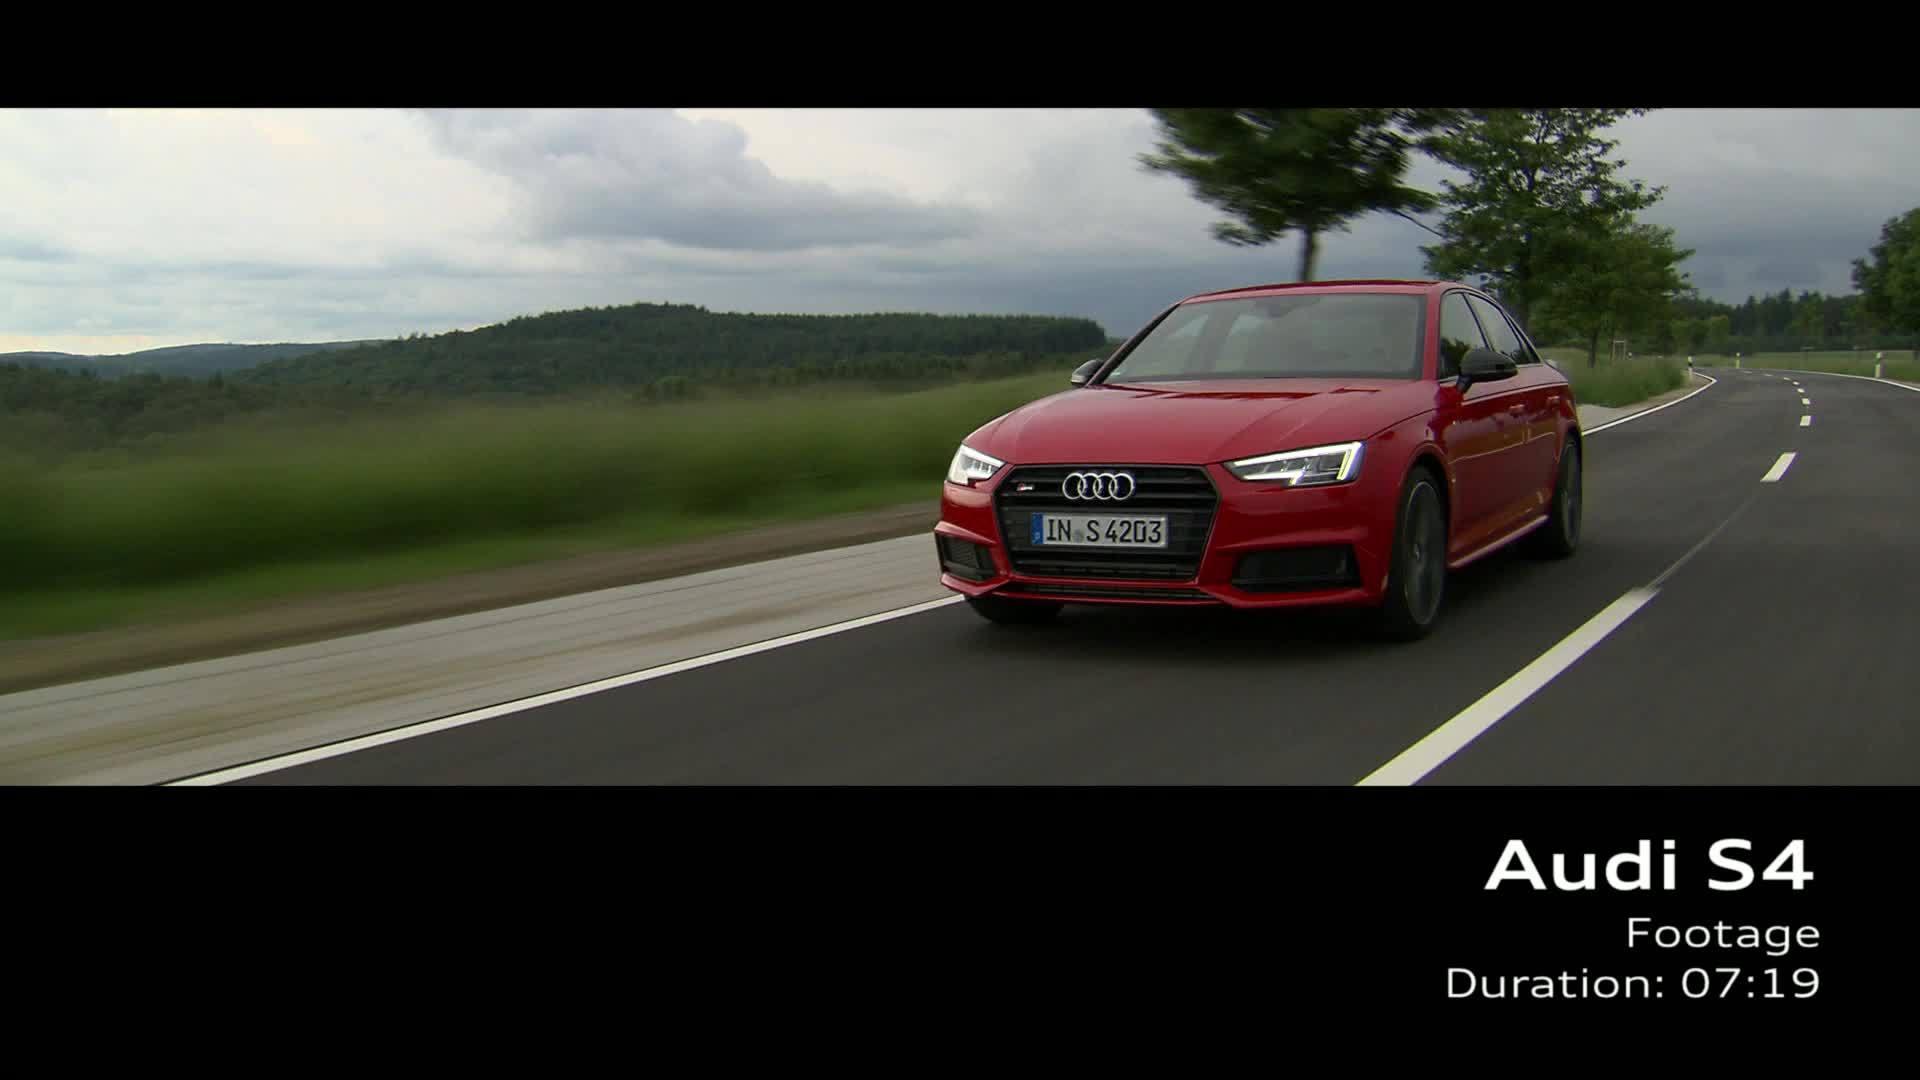 Audi S4 Limousine (2016) – Footage on Location